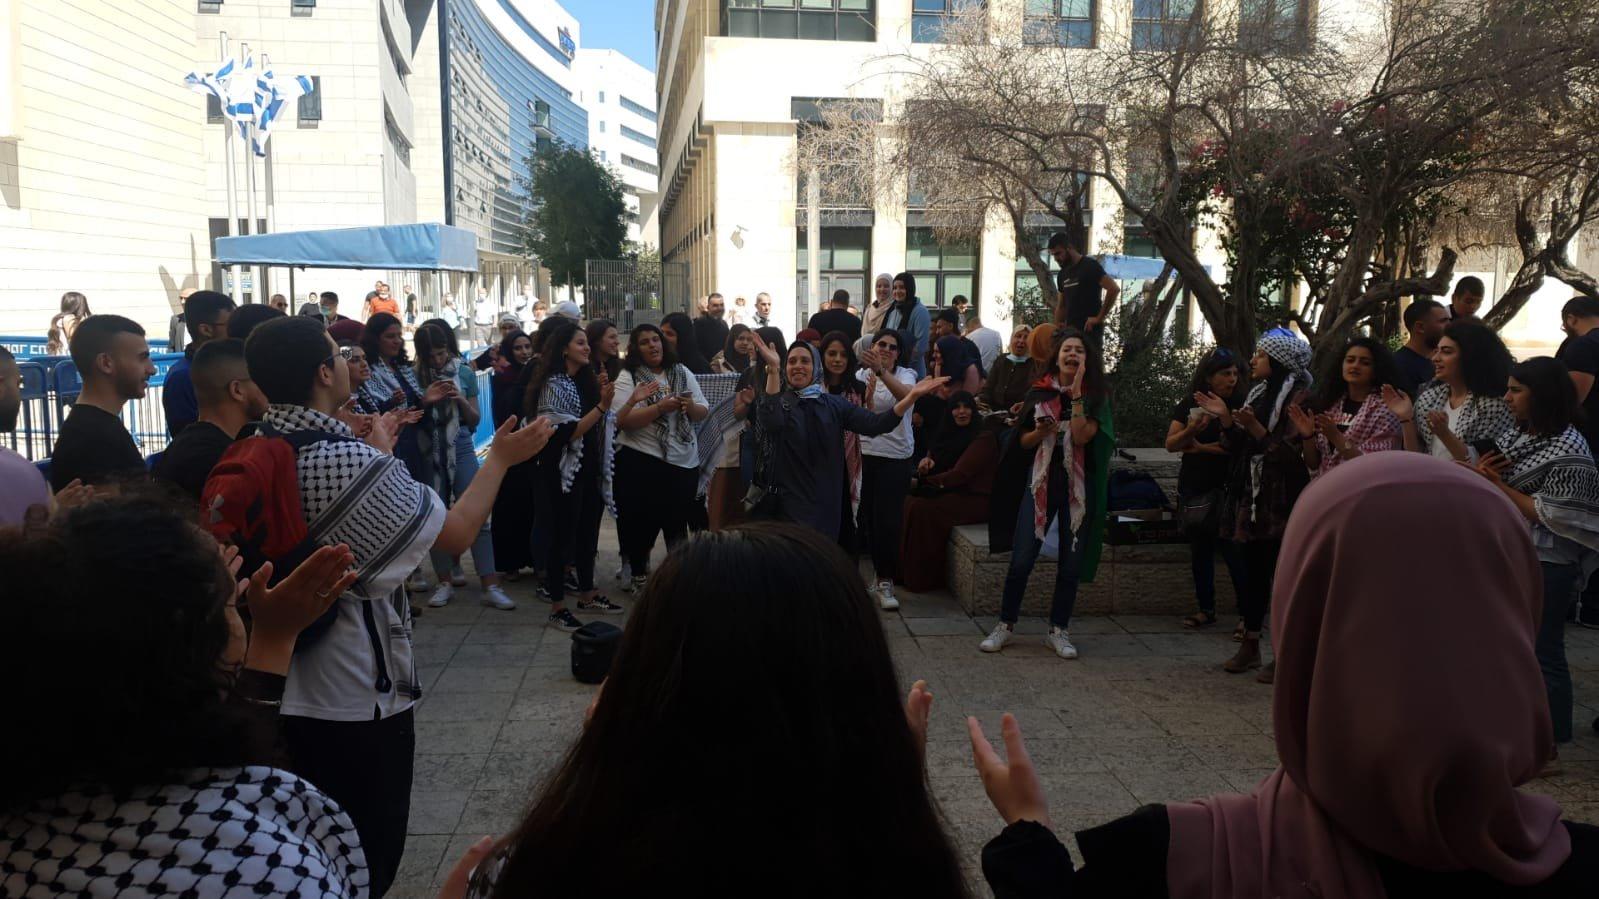 محكمة الصلح في حيفا تُطلق سراح الشاب احمد كيوان صديق الشهيد-0